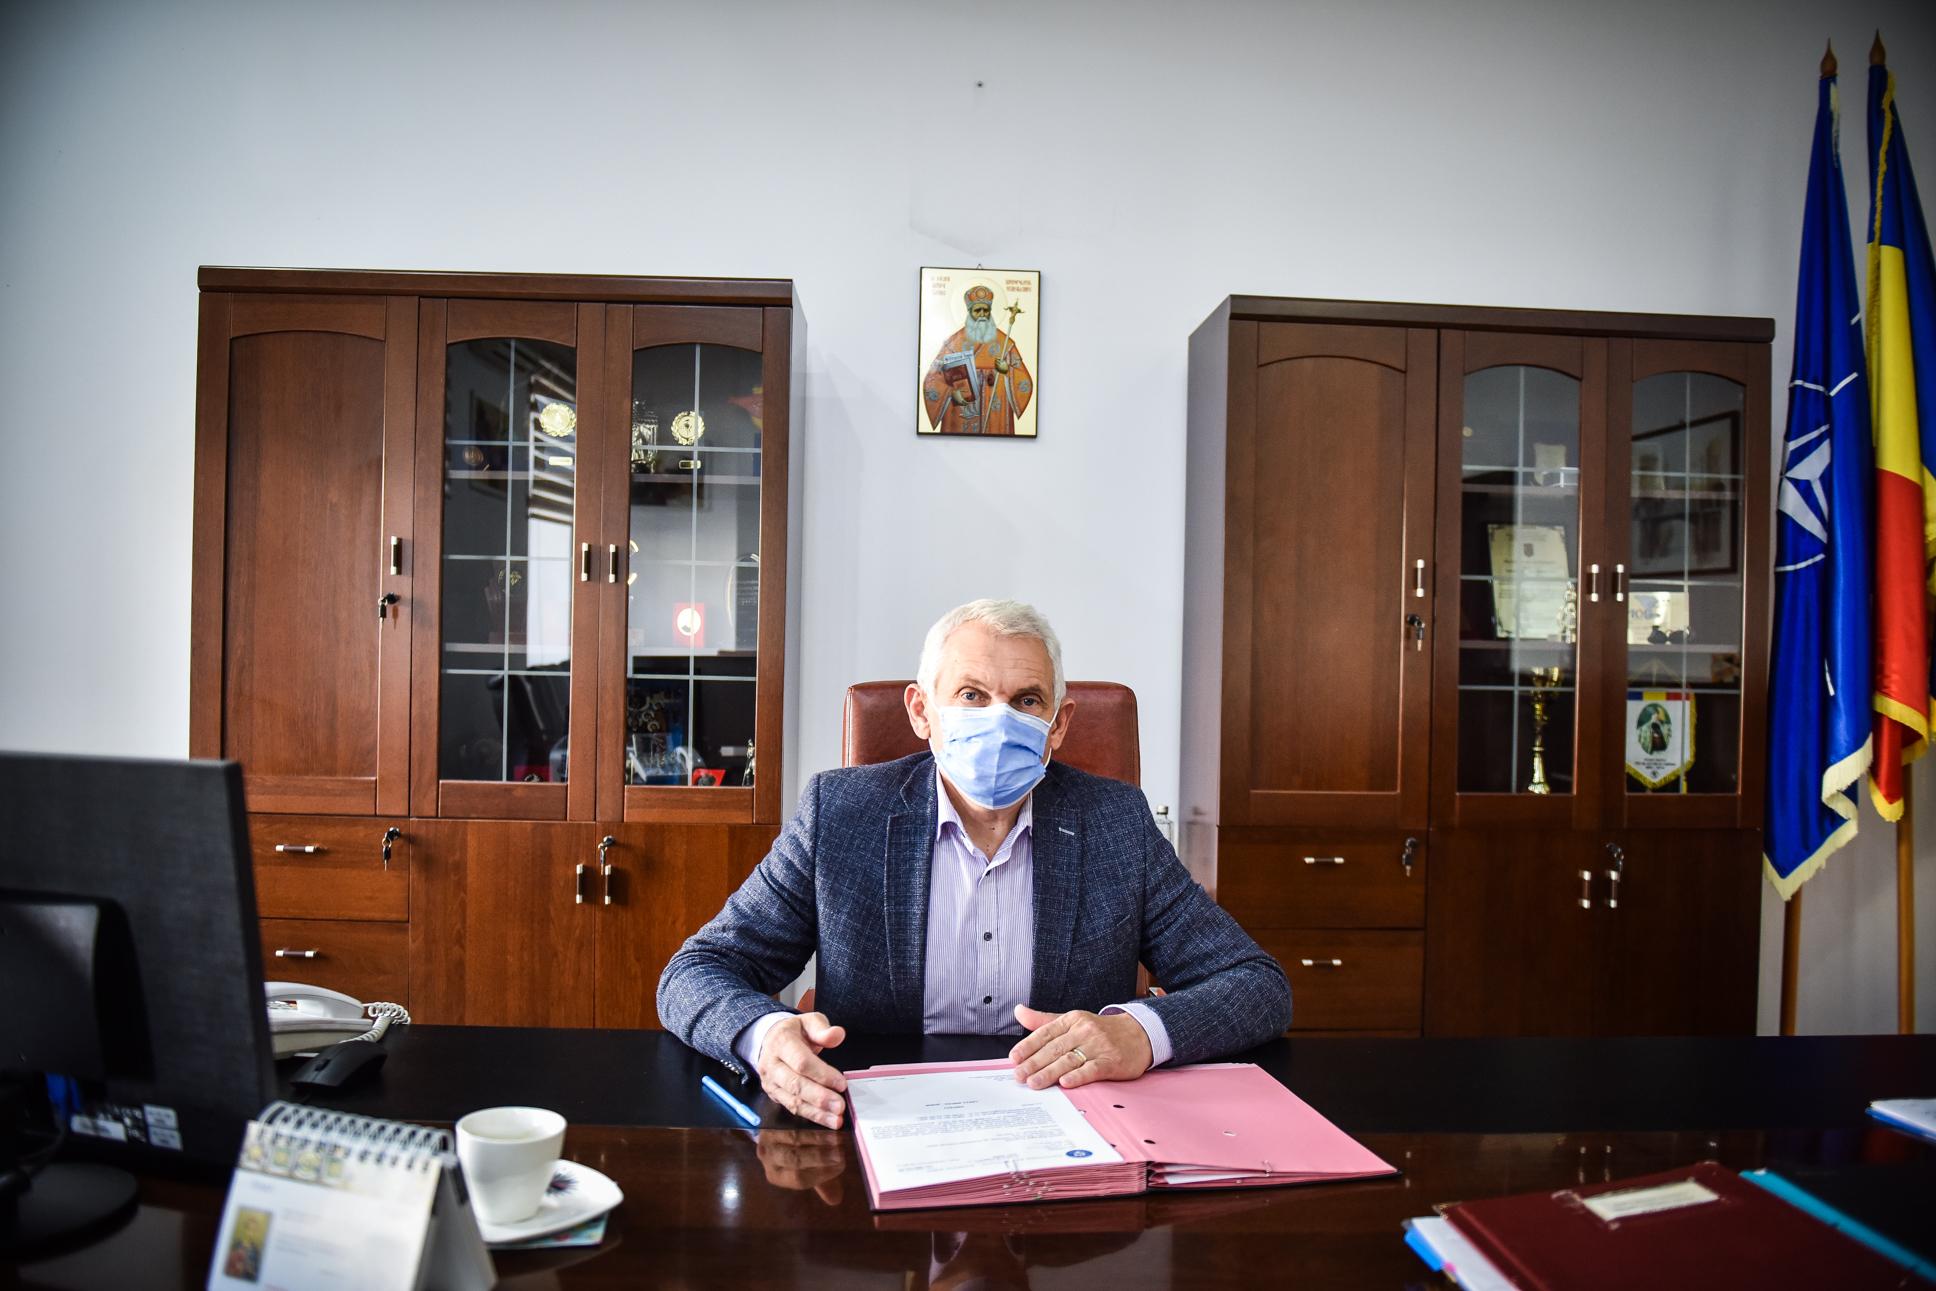 """Prefectul județului, Mircea Crețu: """"Este posibil să se ajungă în Sibiu și la această măsură extremă"""". Adică la carantină"""